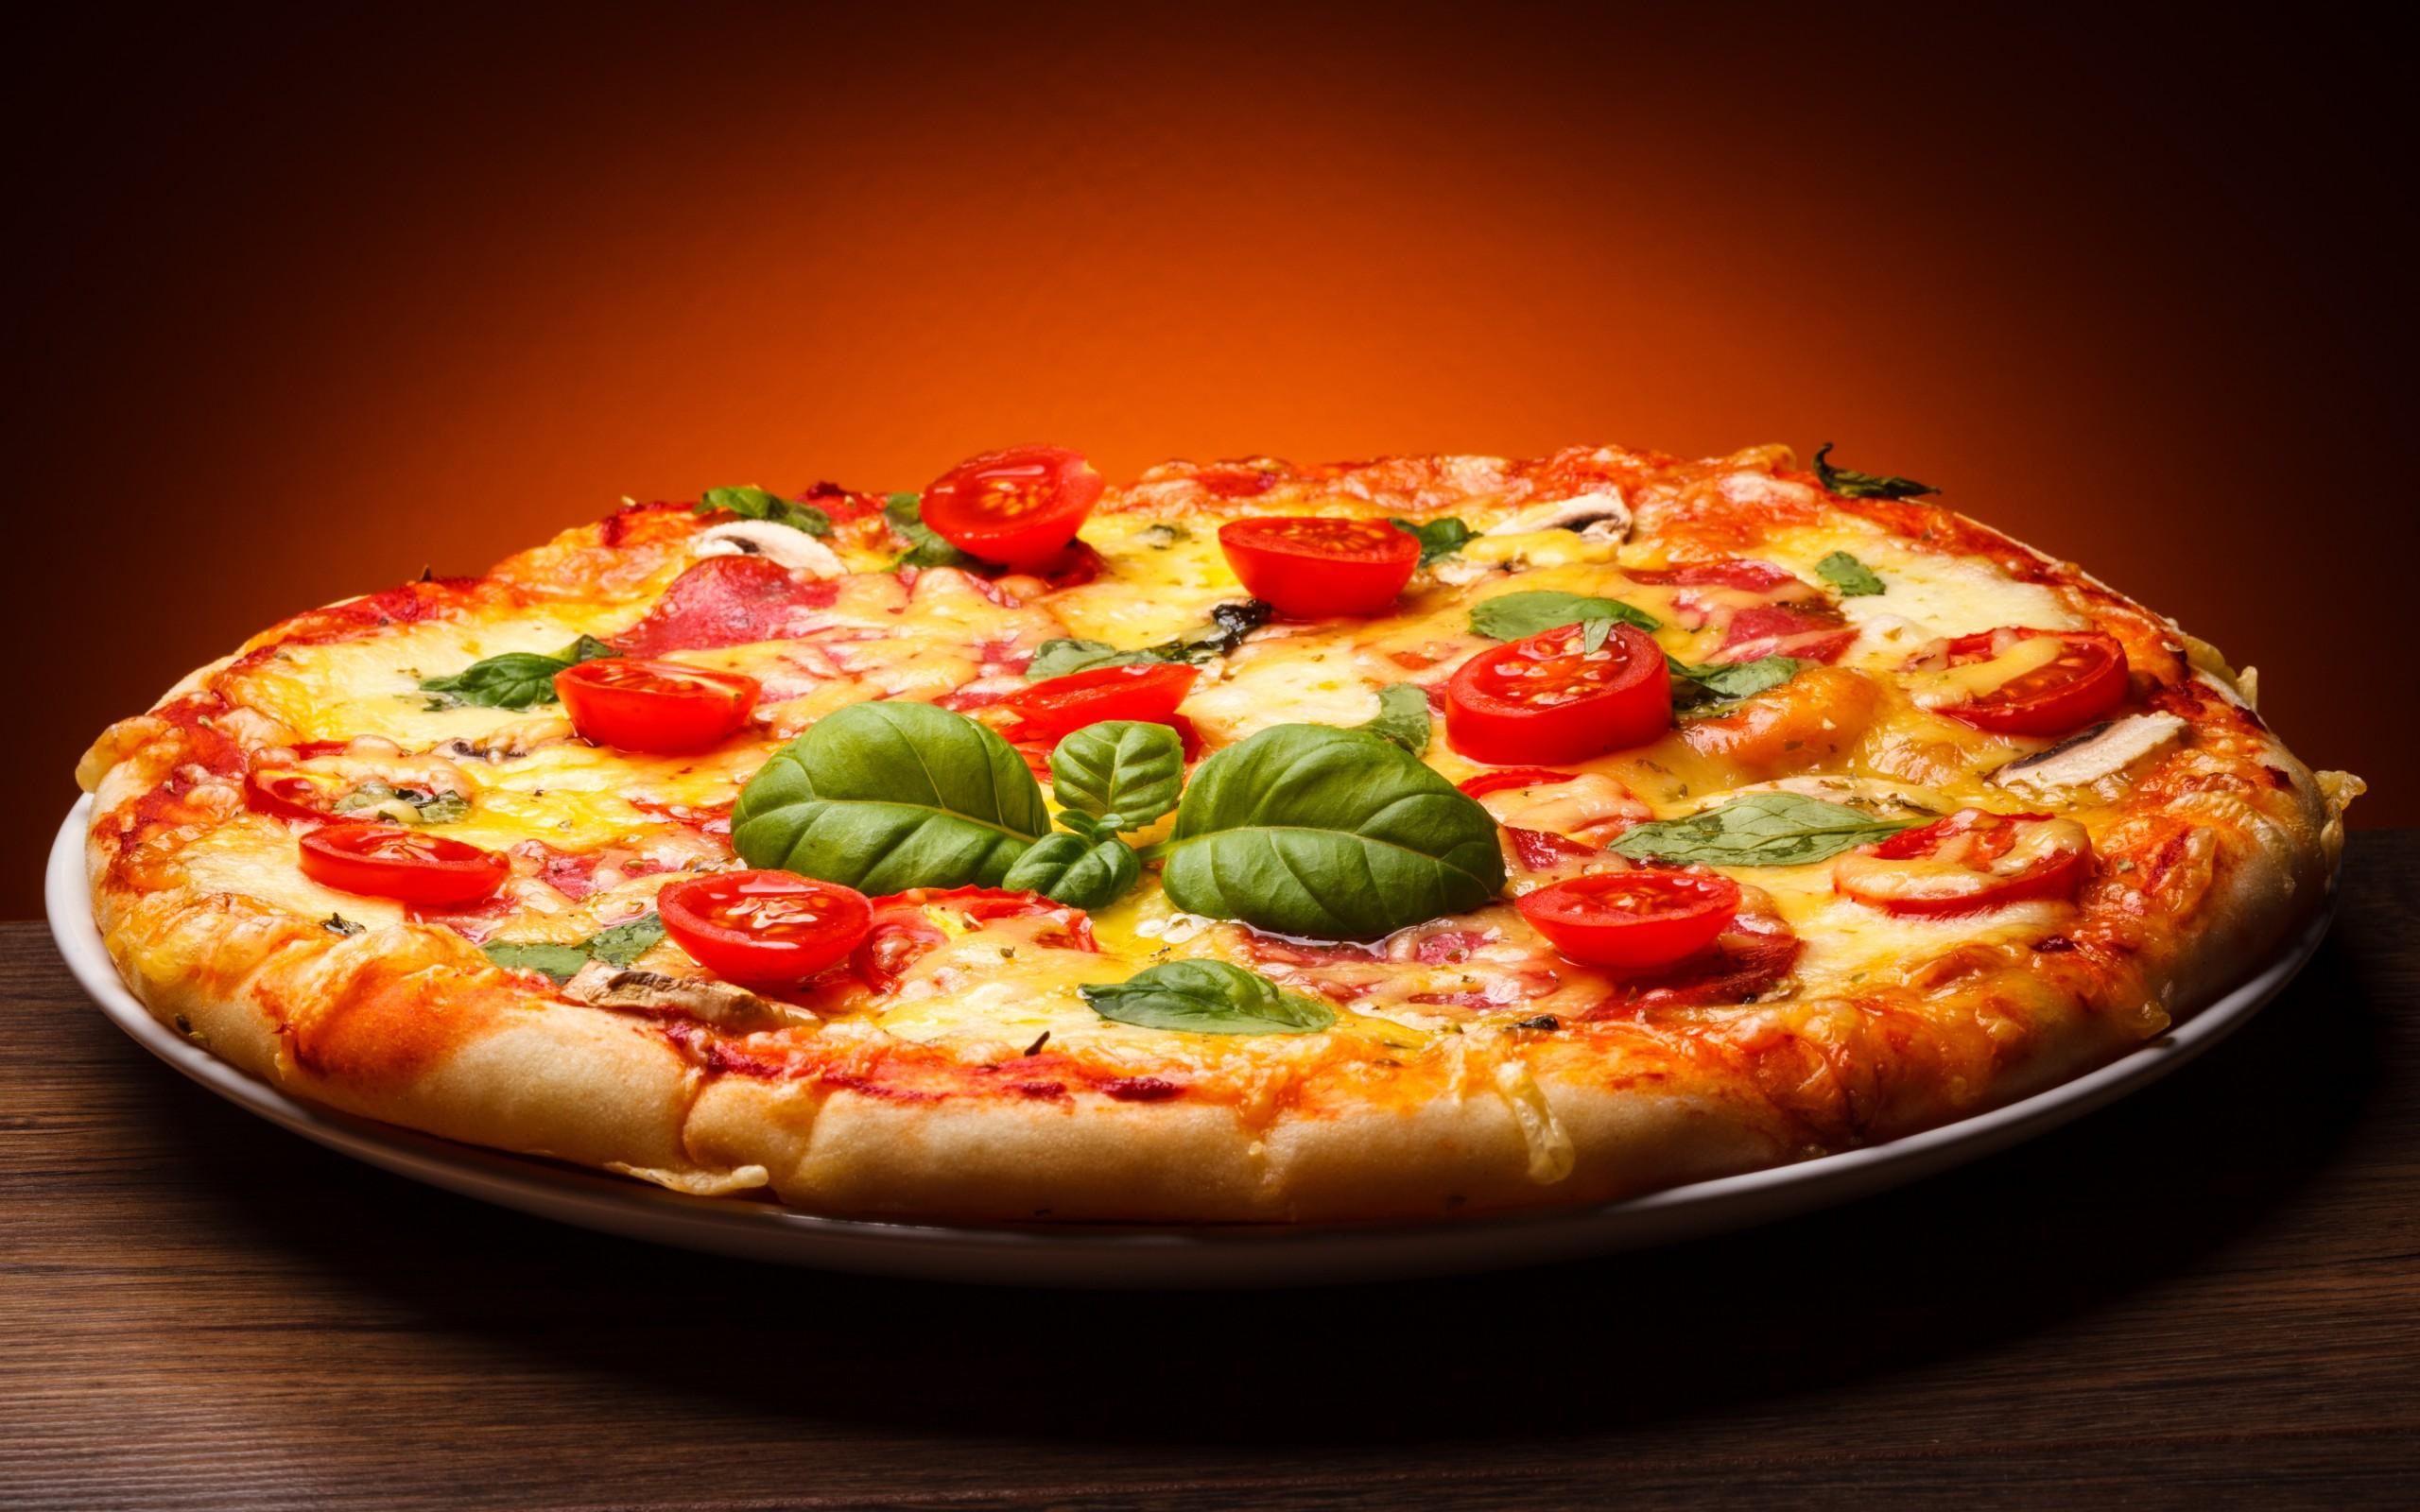 البيتزا عمرها ما كانت عائق في الريجيم